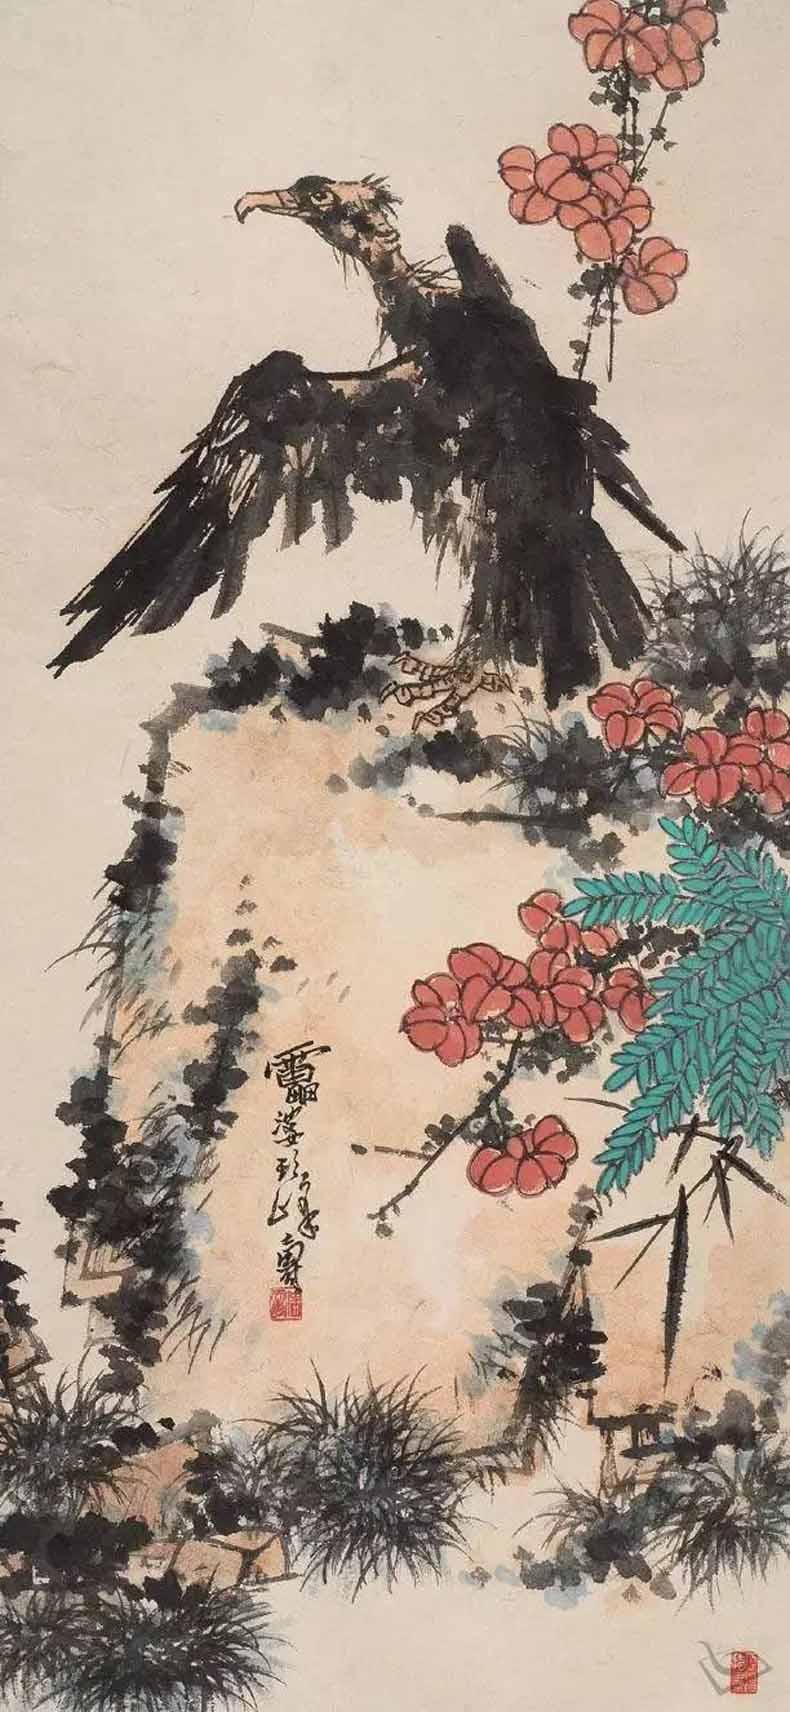 潘天寿 秃鹫 (拍品,同潘天寿纪念馆藏品)